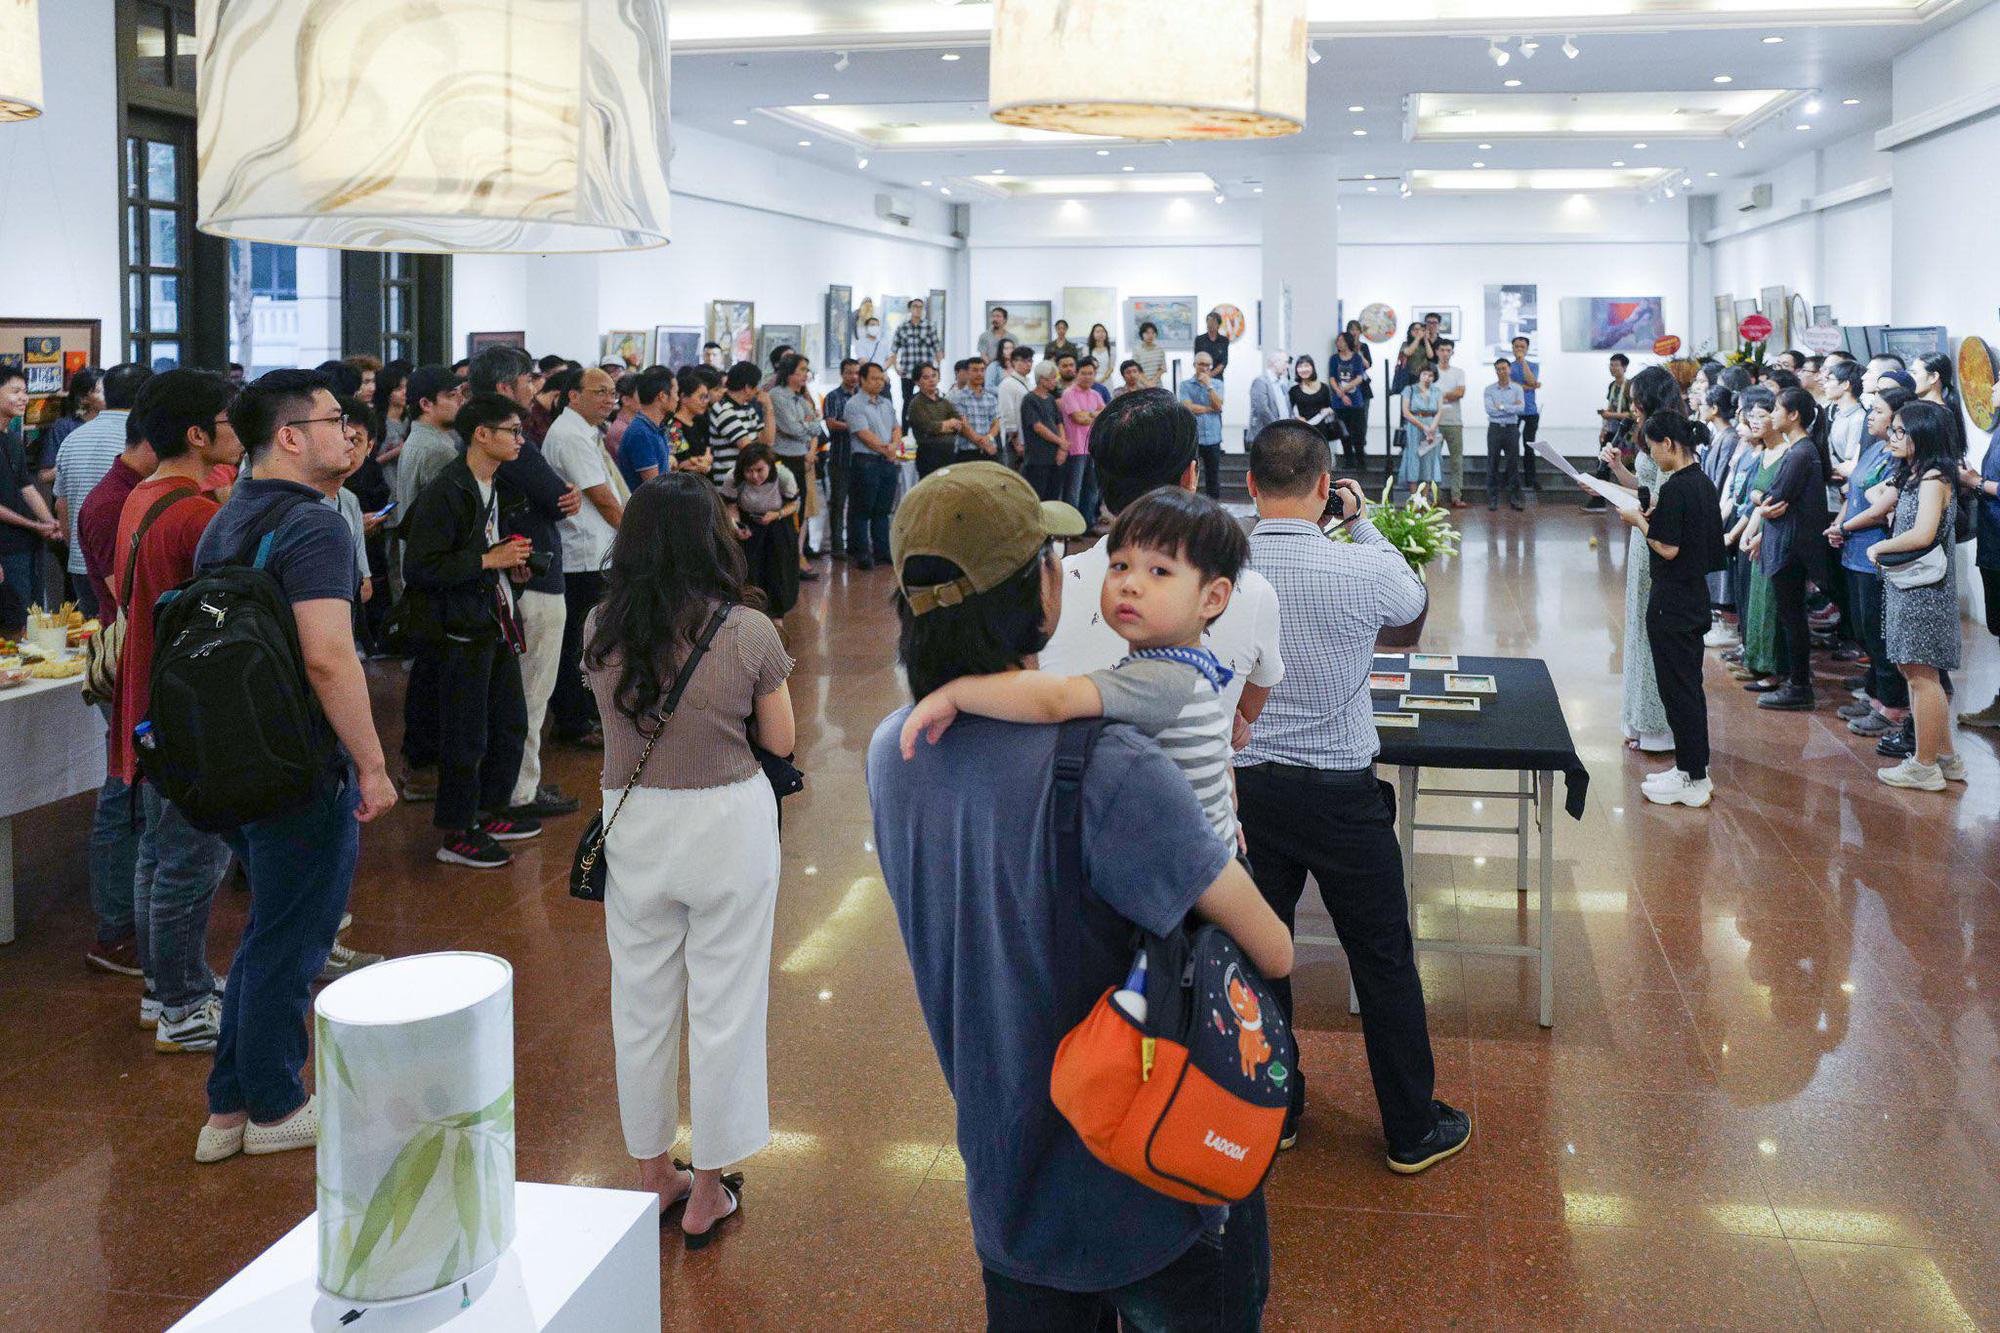 Triển lãm thu hút đông đảo người yêu nghệ thuật hội họa tham dự.